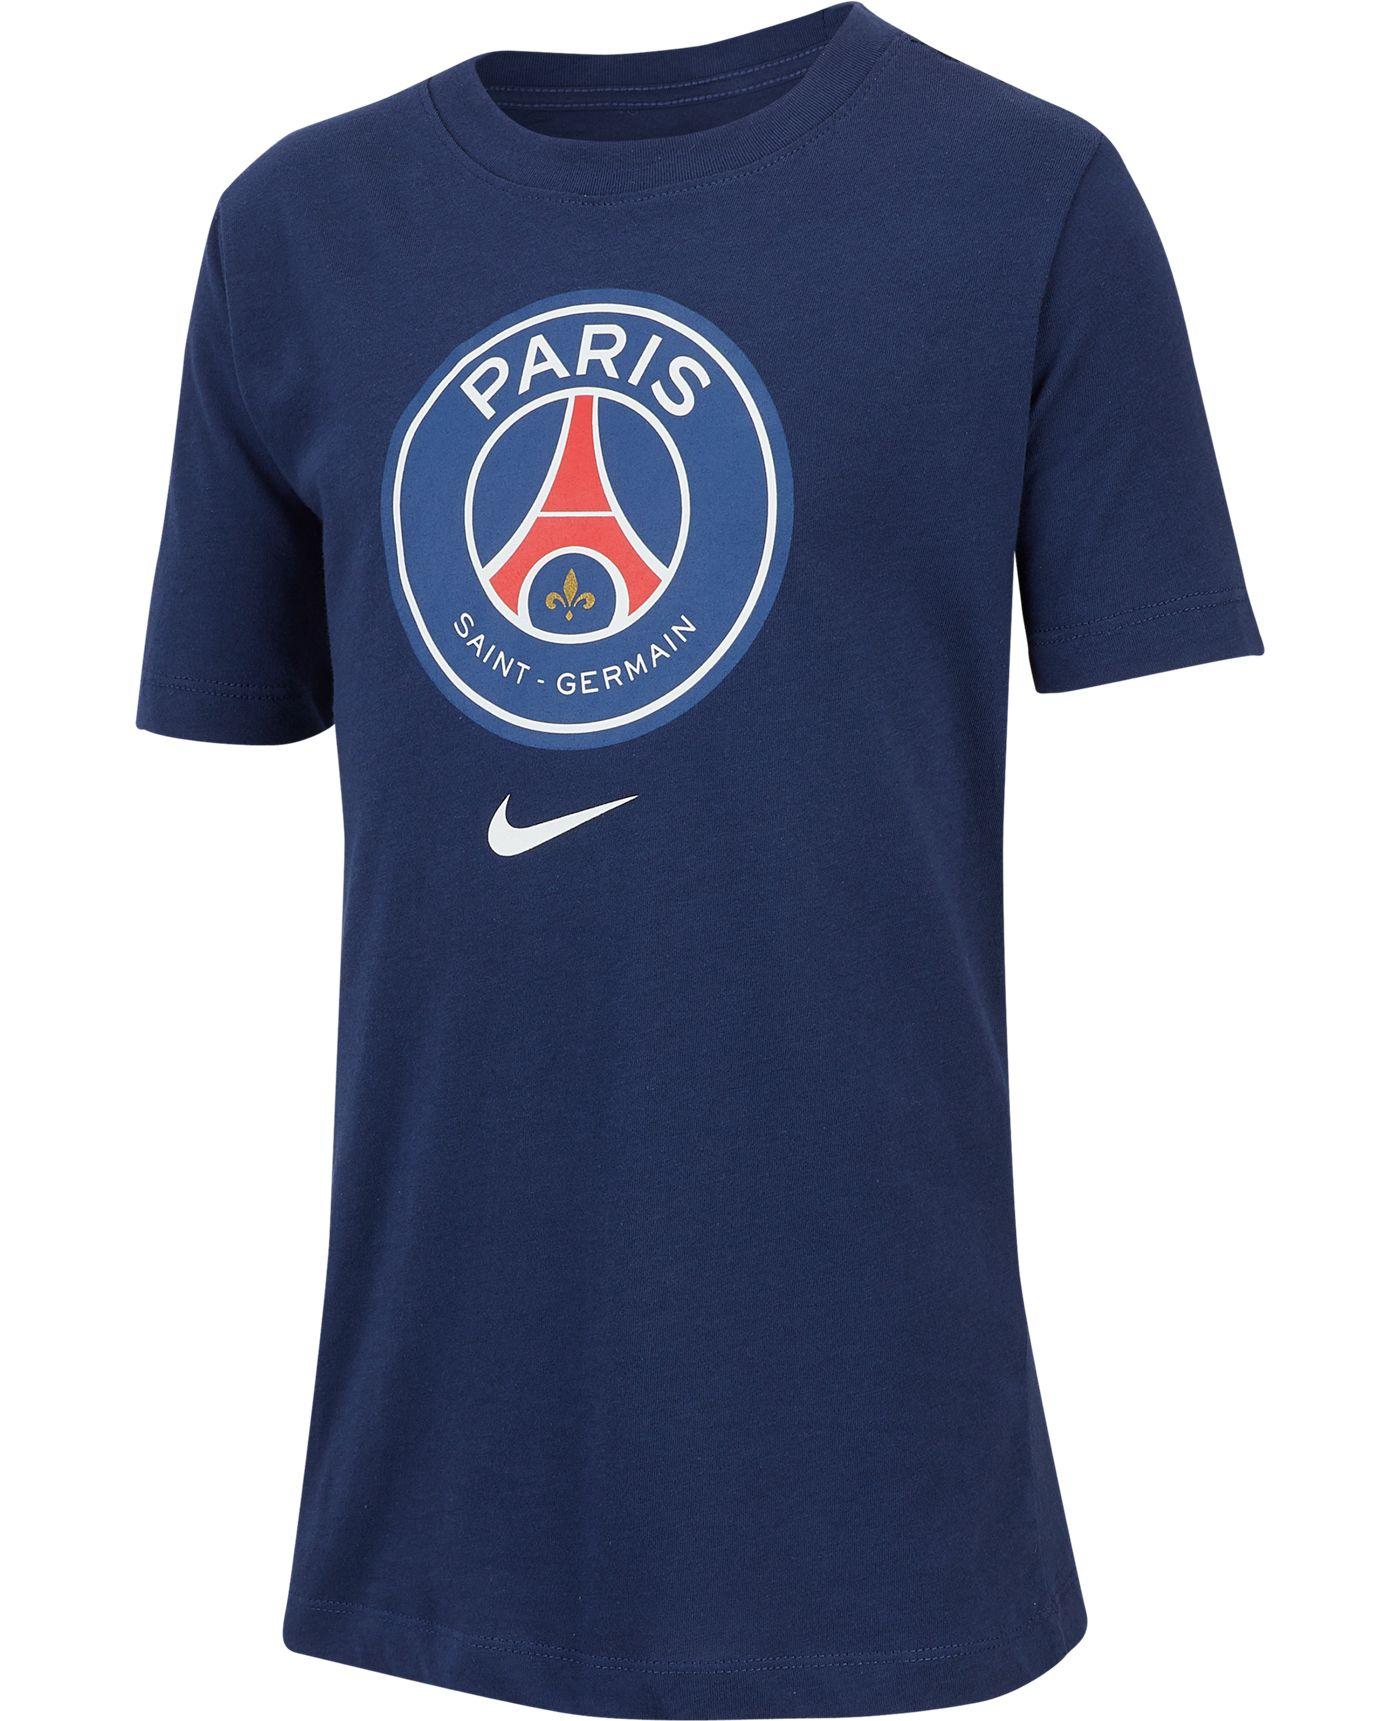 Nike Youth Paris Saint-Germain Crest Navy T-Shirt